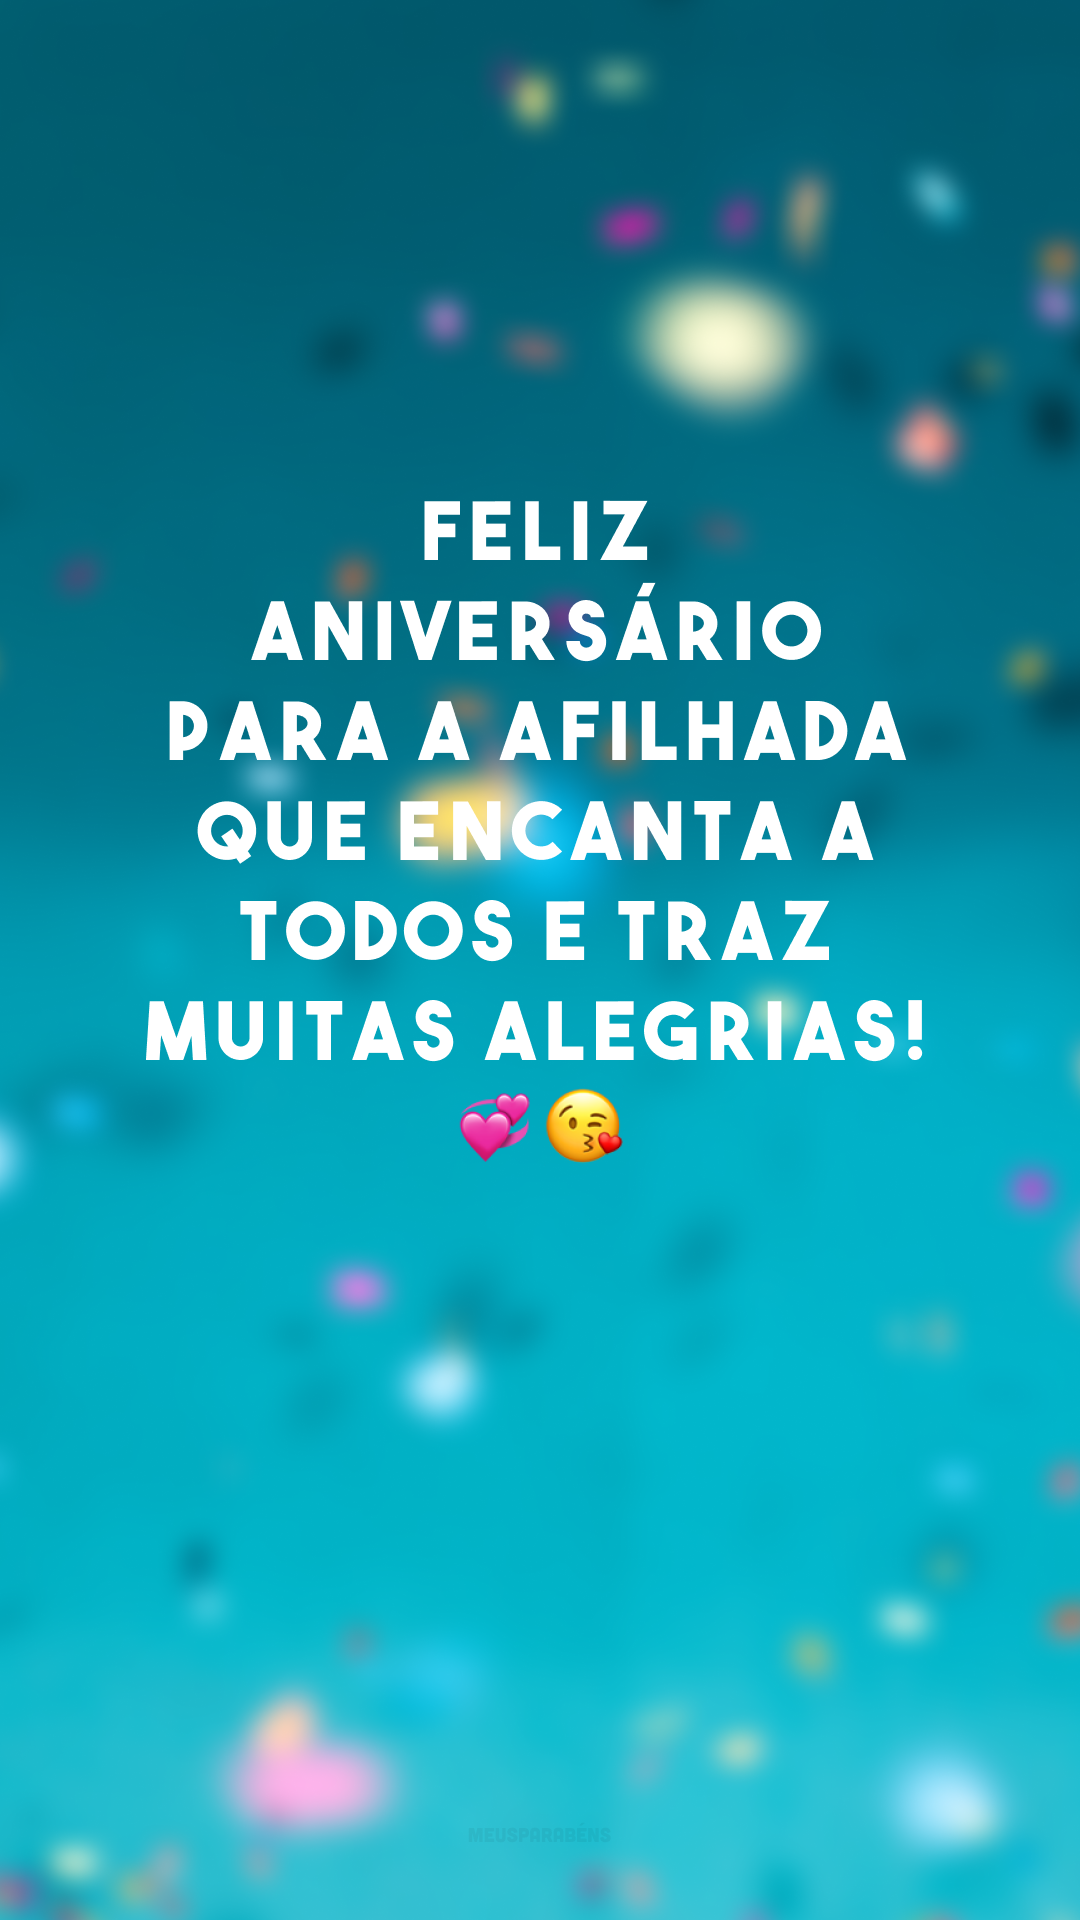 Feliz aniversário para a afilhada que encanta a todos e traz muitas alegrias! ??